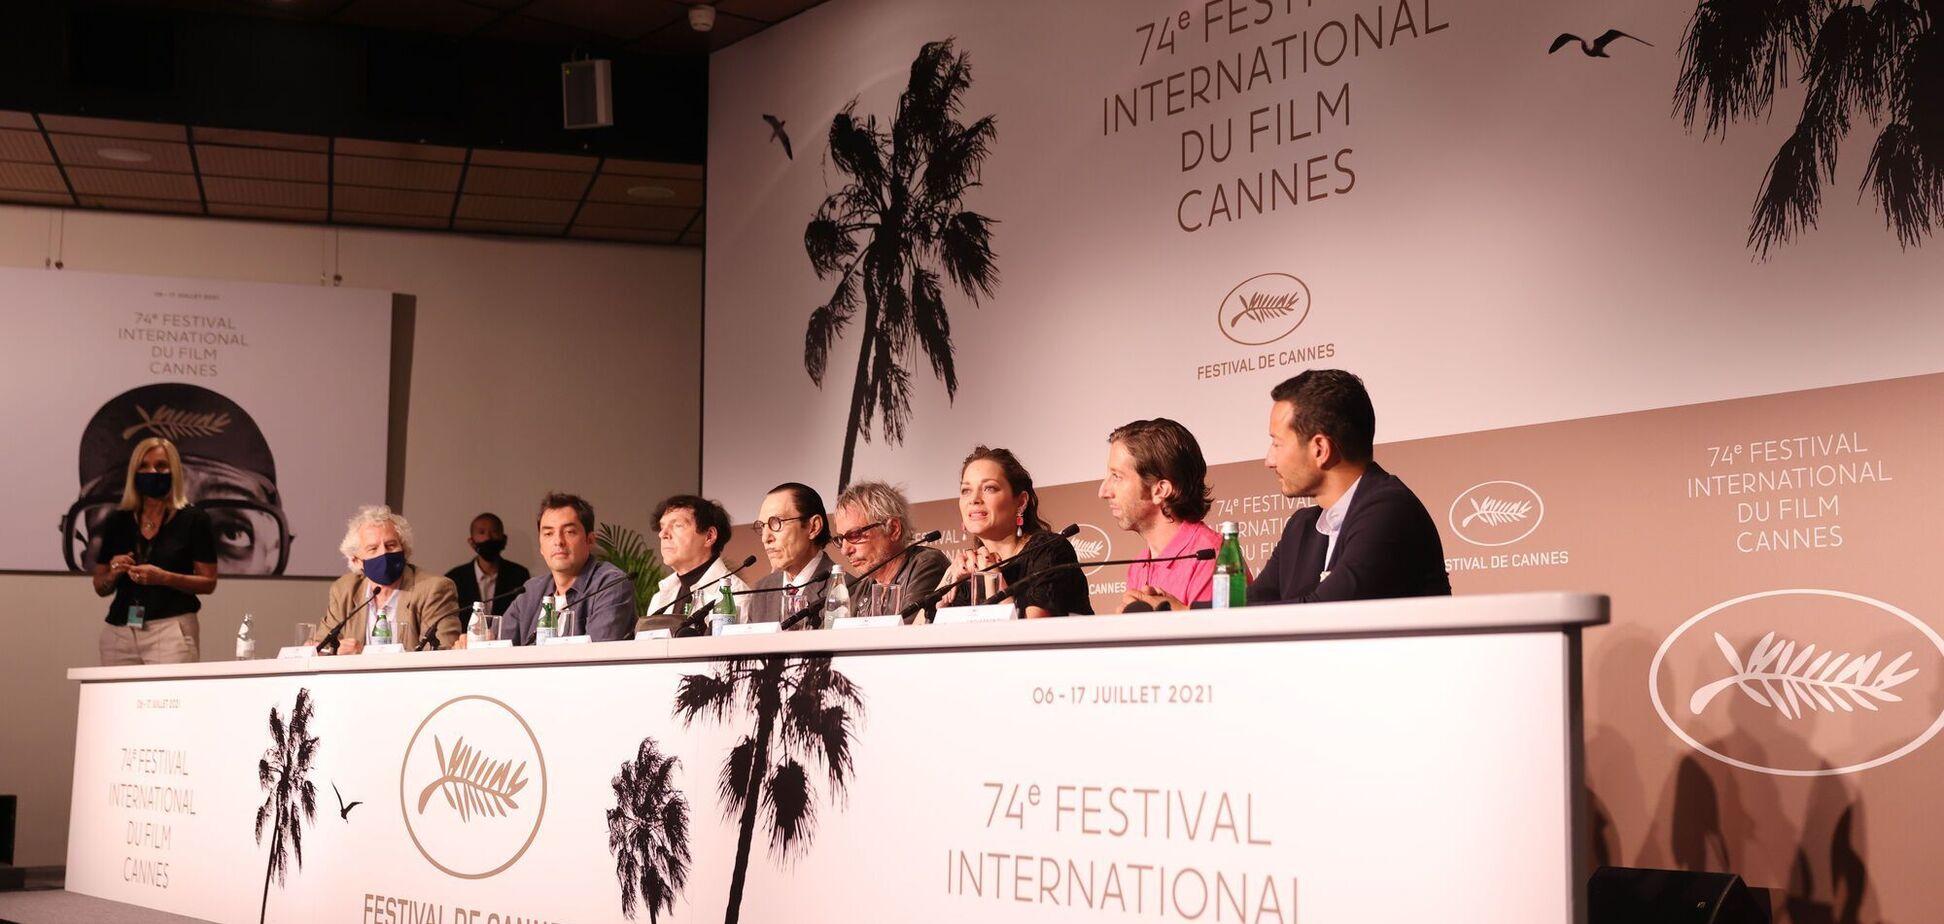 Каннський кінофестиваль 2021: названо переможців